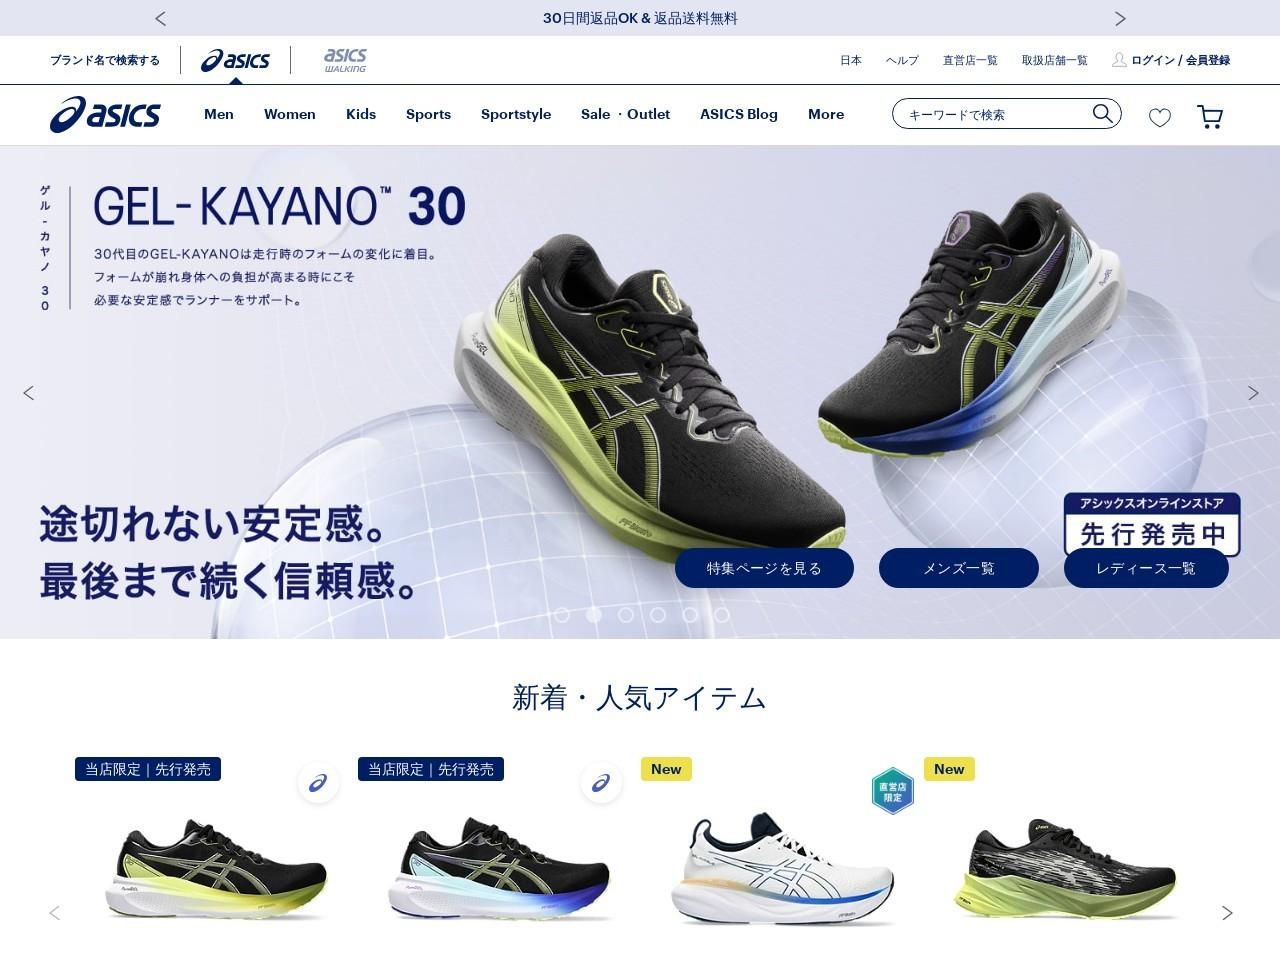 株式会社アシックス/スポーツ工学研究所